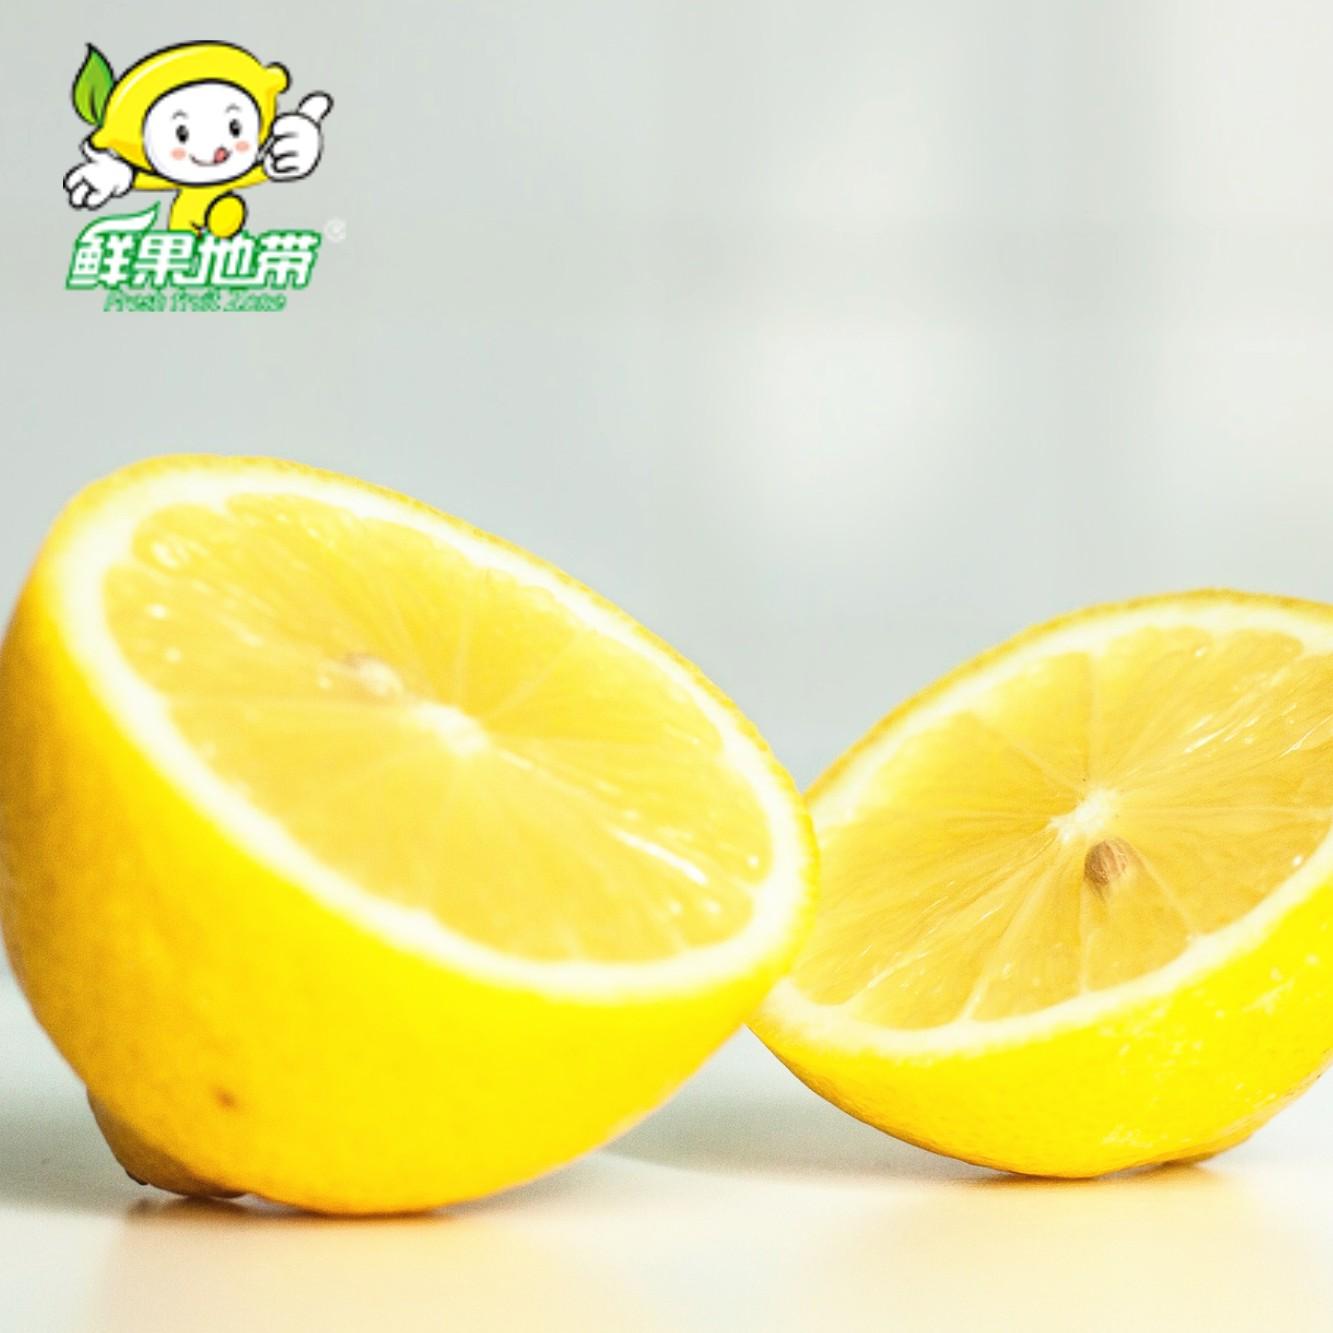 鲜果地带正宗安岳黄柠檬新鲜小果10个装皮薄多汁现摘现发批发包邮